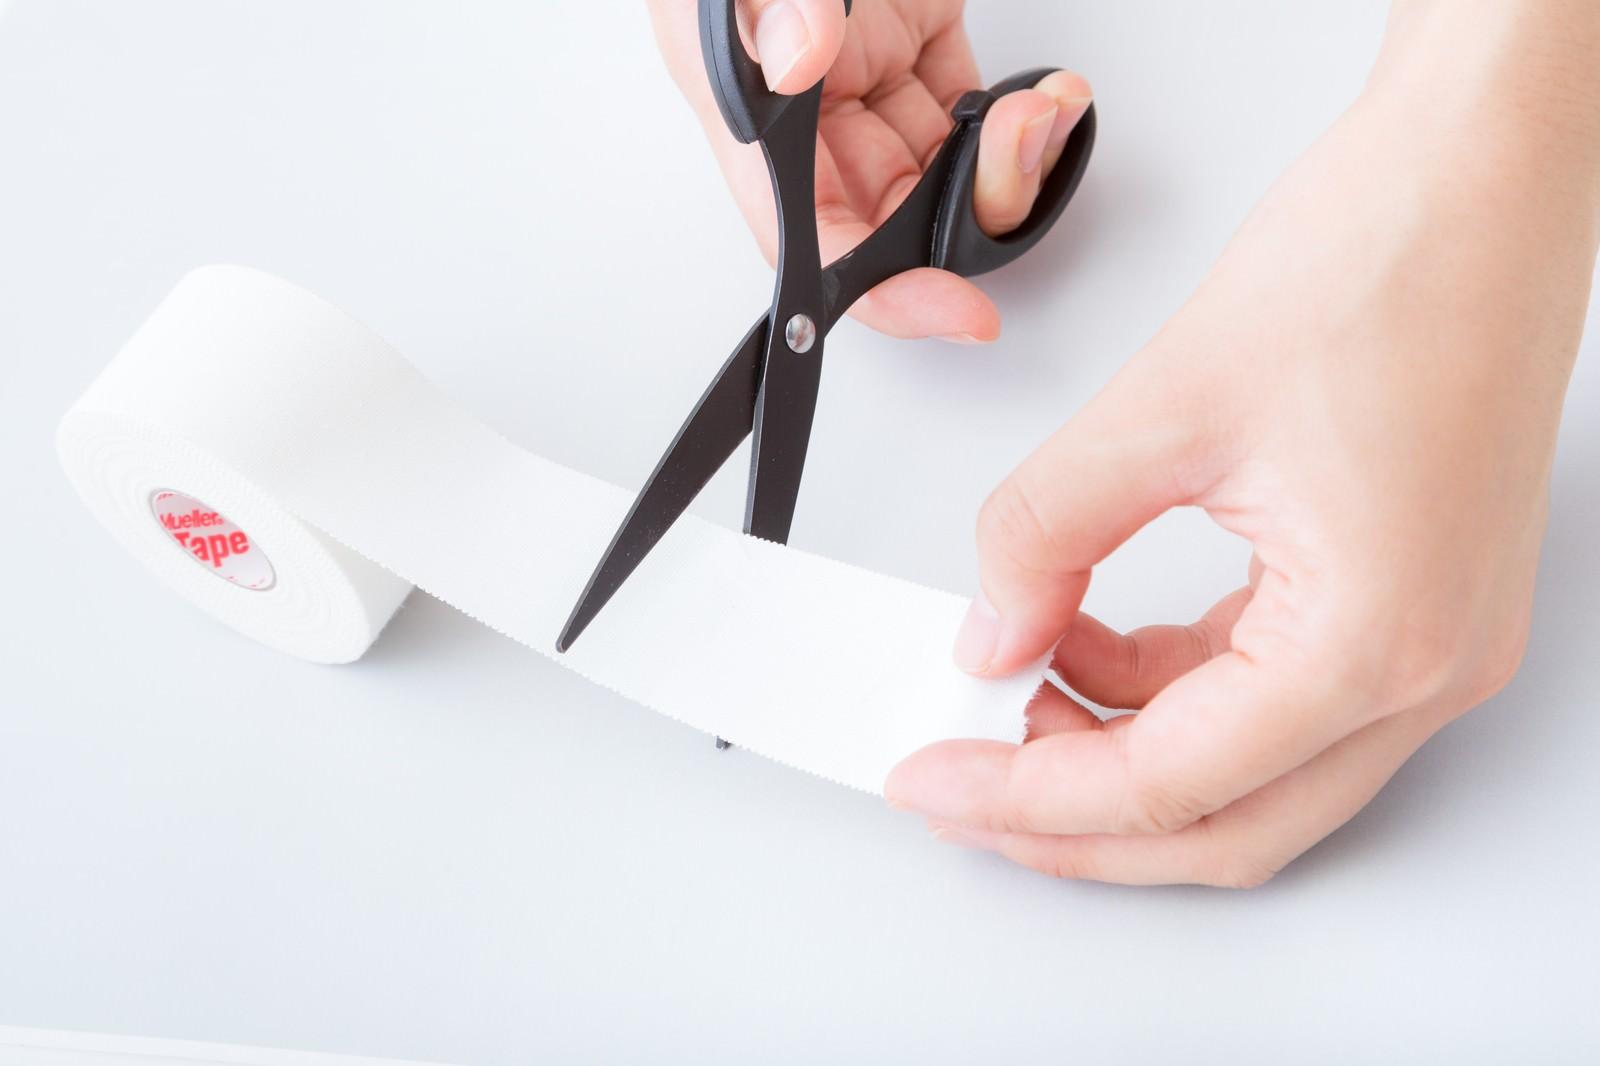 「ホワイトテープをハサミでカットする」の写真